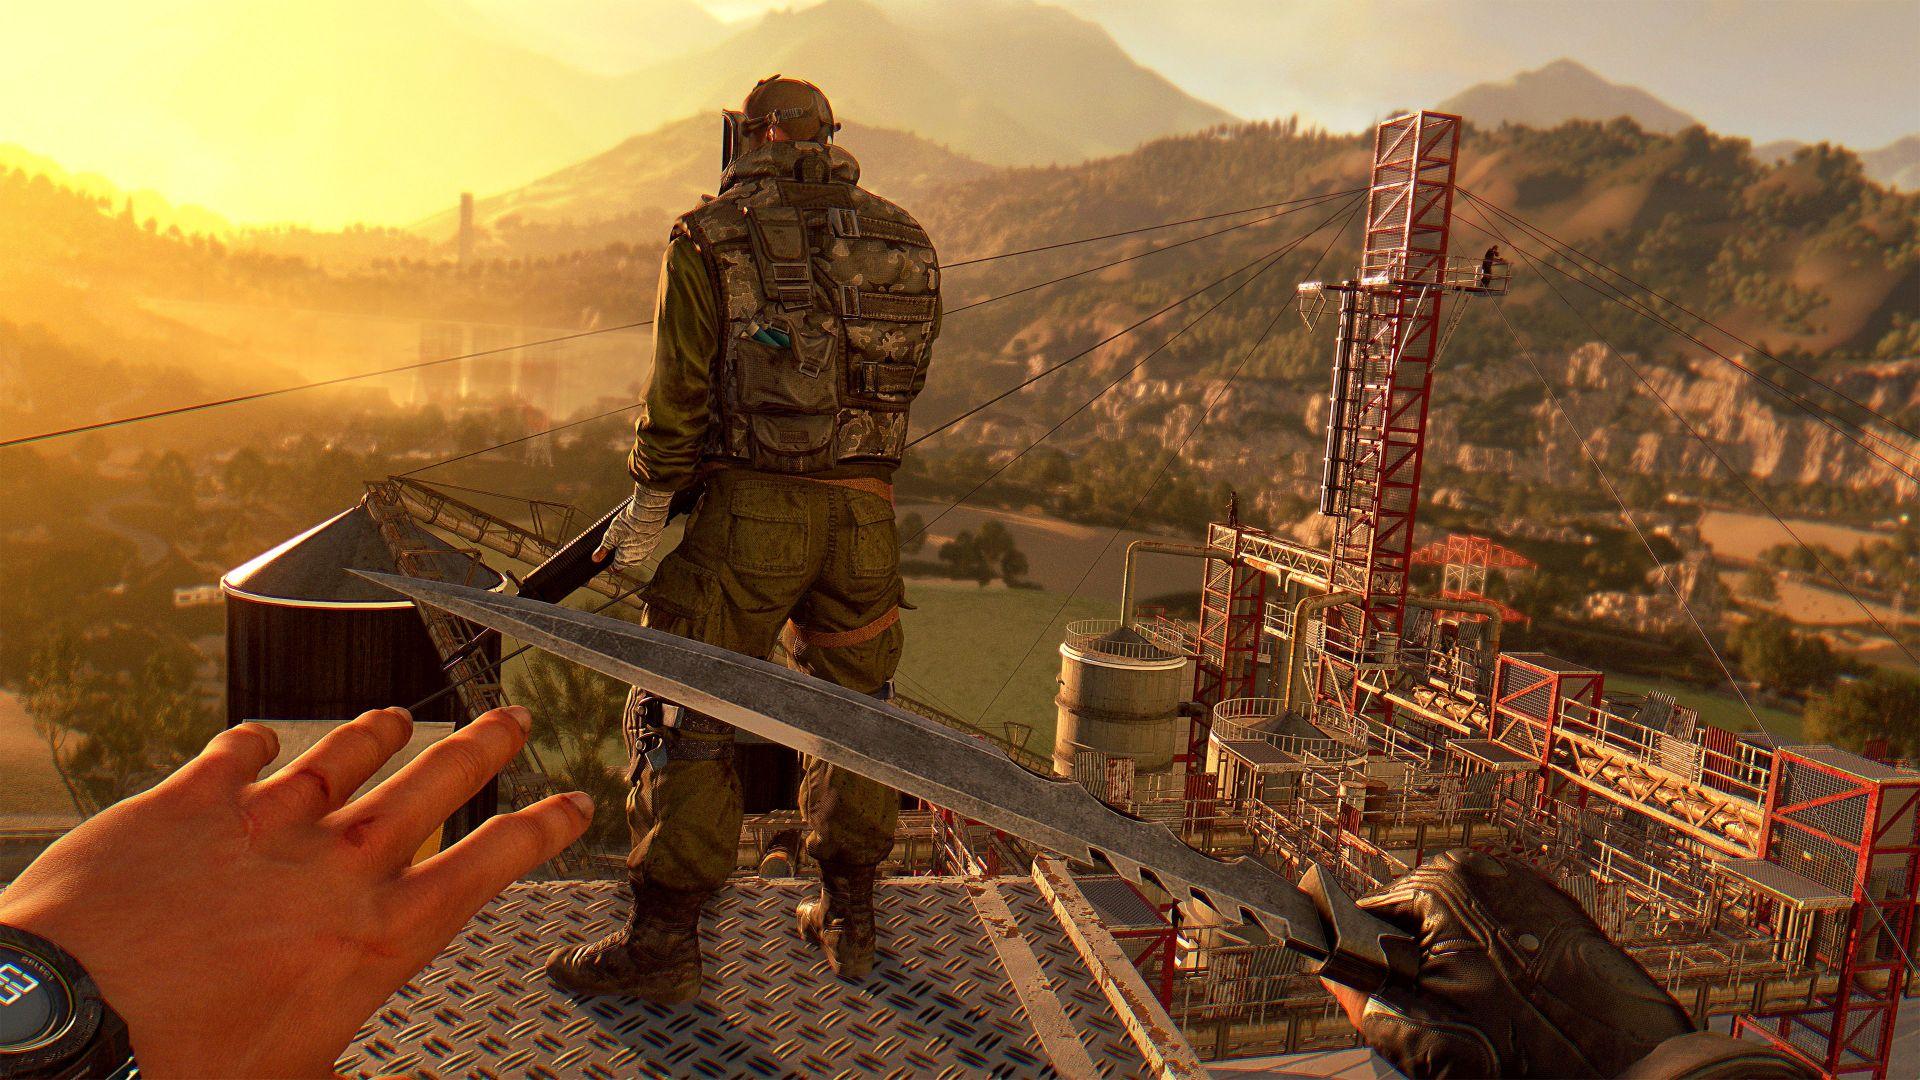 Xbox 360 nude mod hardcore images